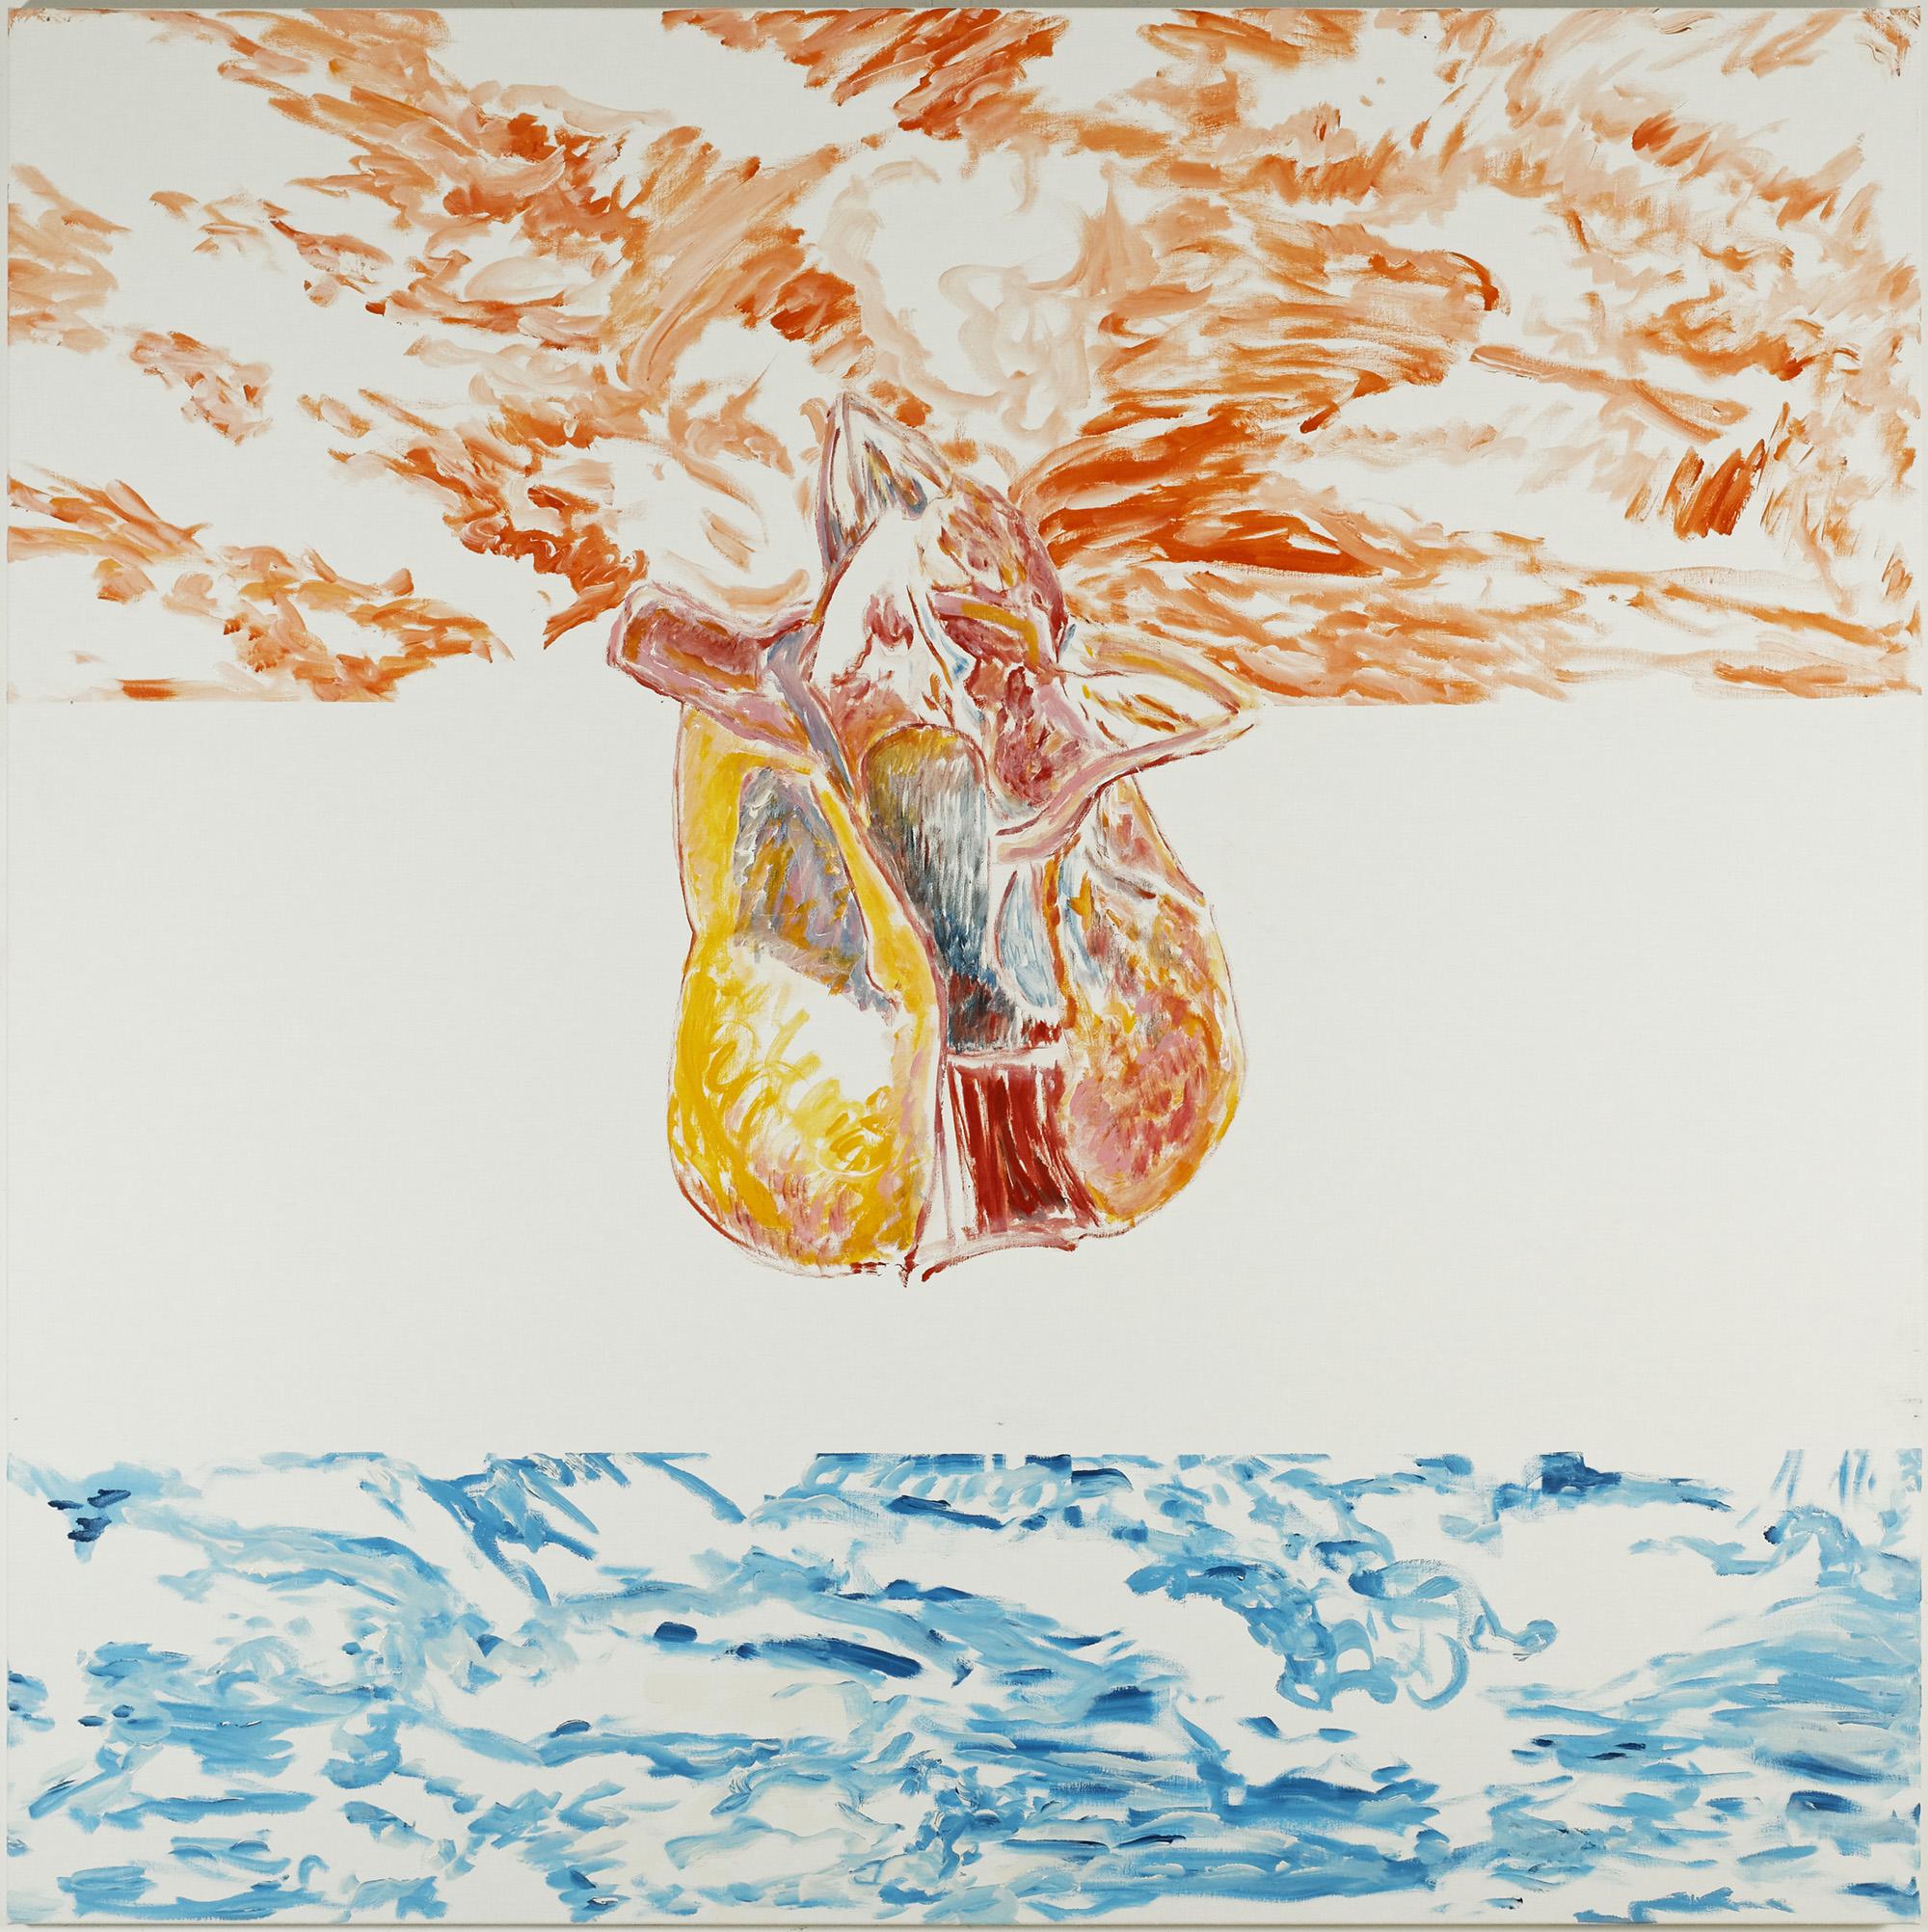 Diphleur affleure (B) (acrylic on canvas, 130 x 190 cm - 2018)